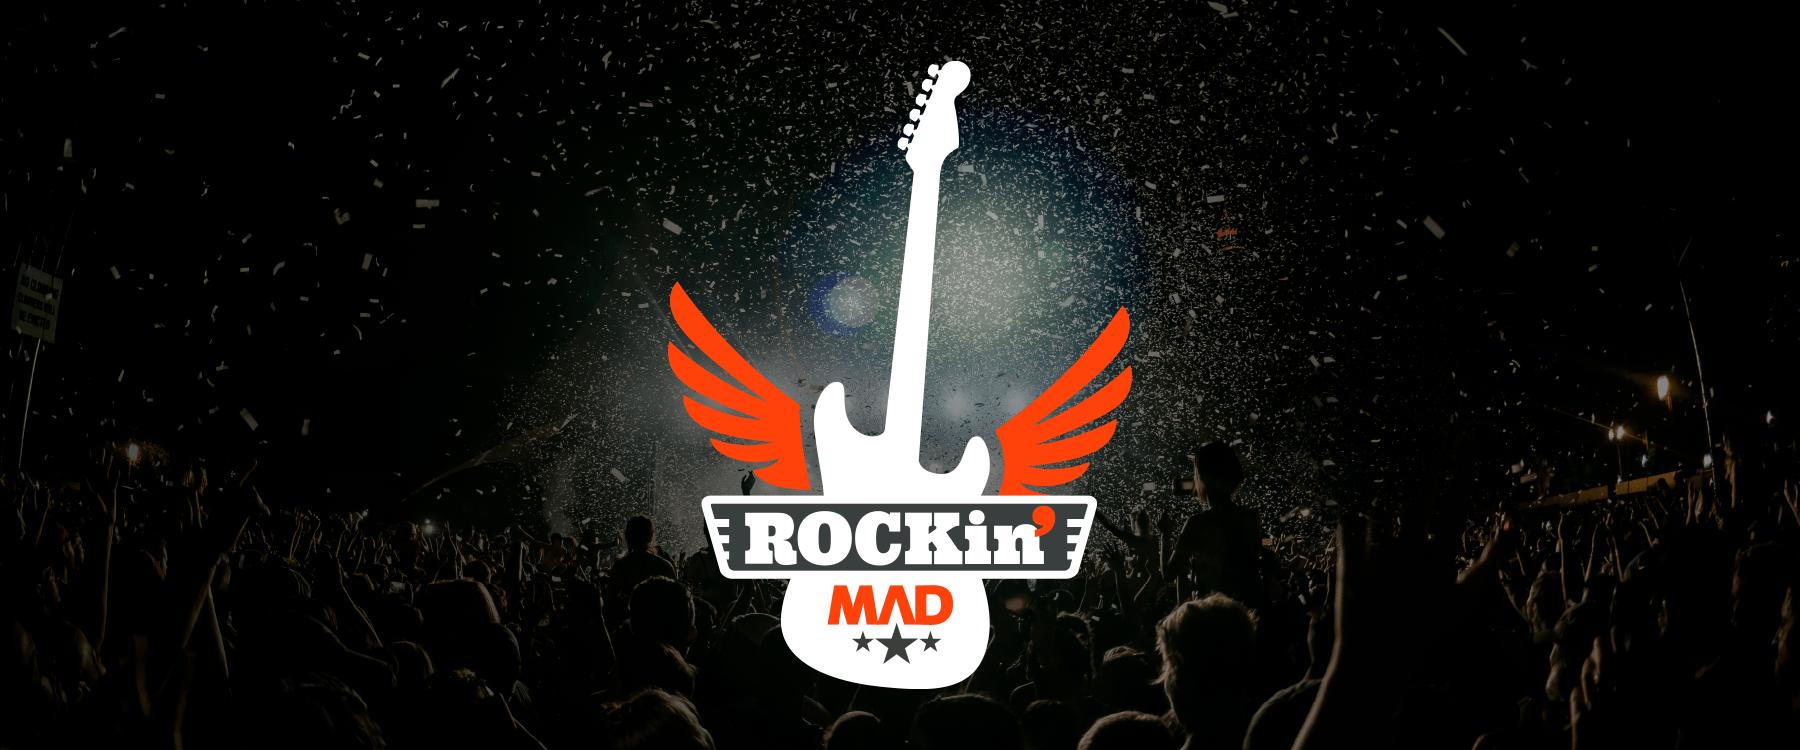 Portafolio Brandesign caso de éxito Branding escuela de rock madrid